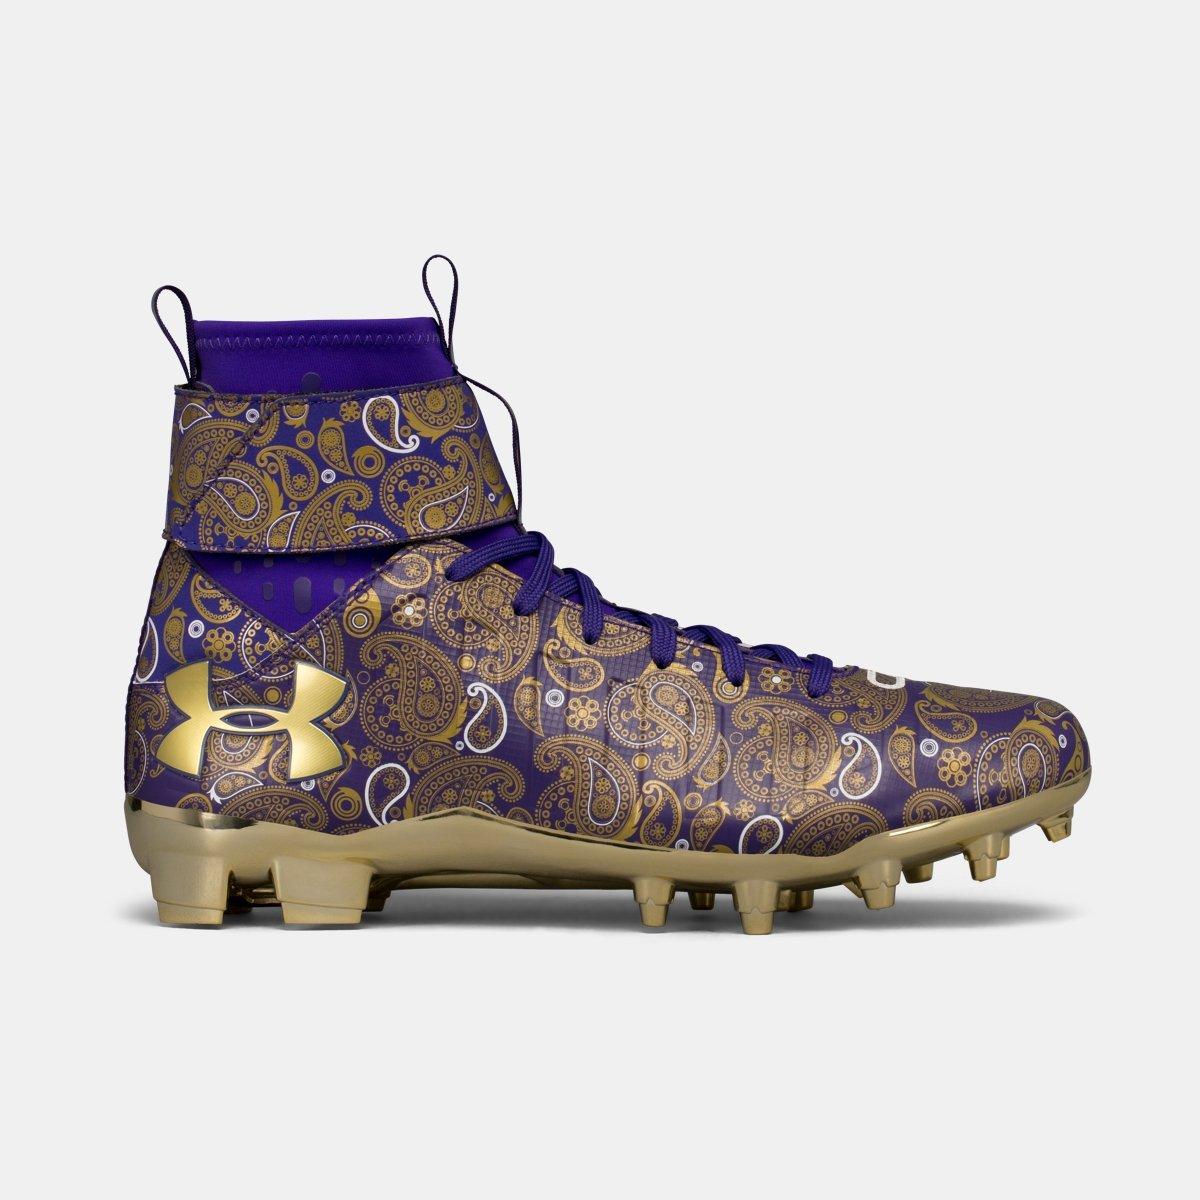 [アンダーアーマー] メンズ UA C1N MC Football Cleats ― Limited Edition [並行輸入品] B074WPM4RZ Purple 29.0 cm 29.0 cm Purple